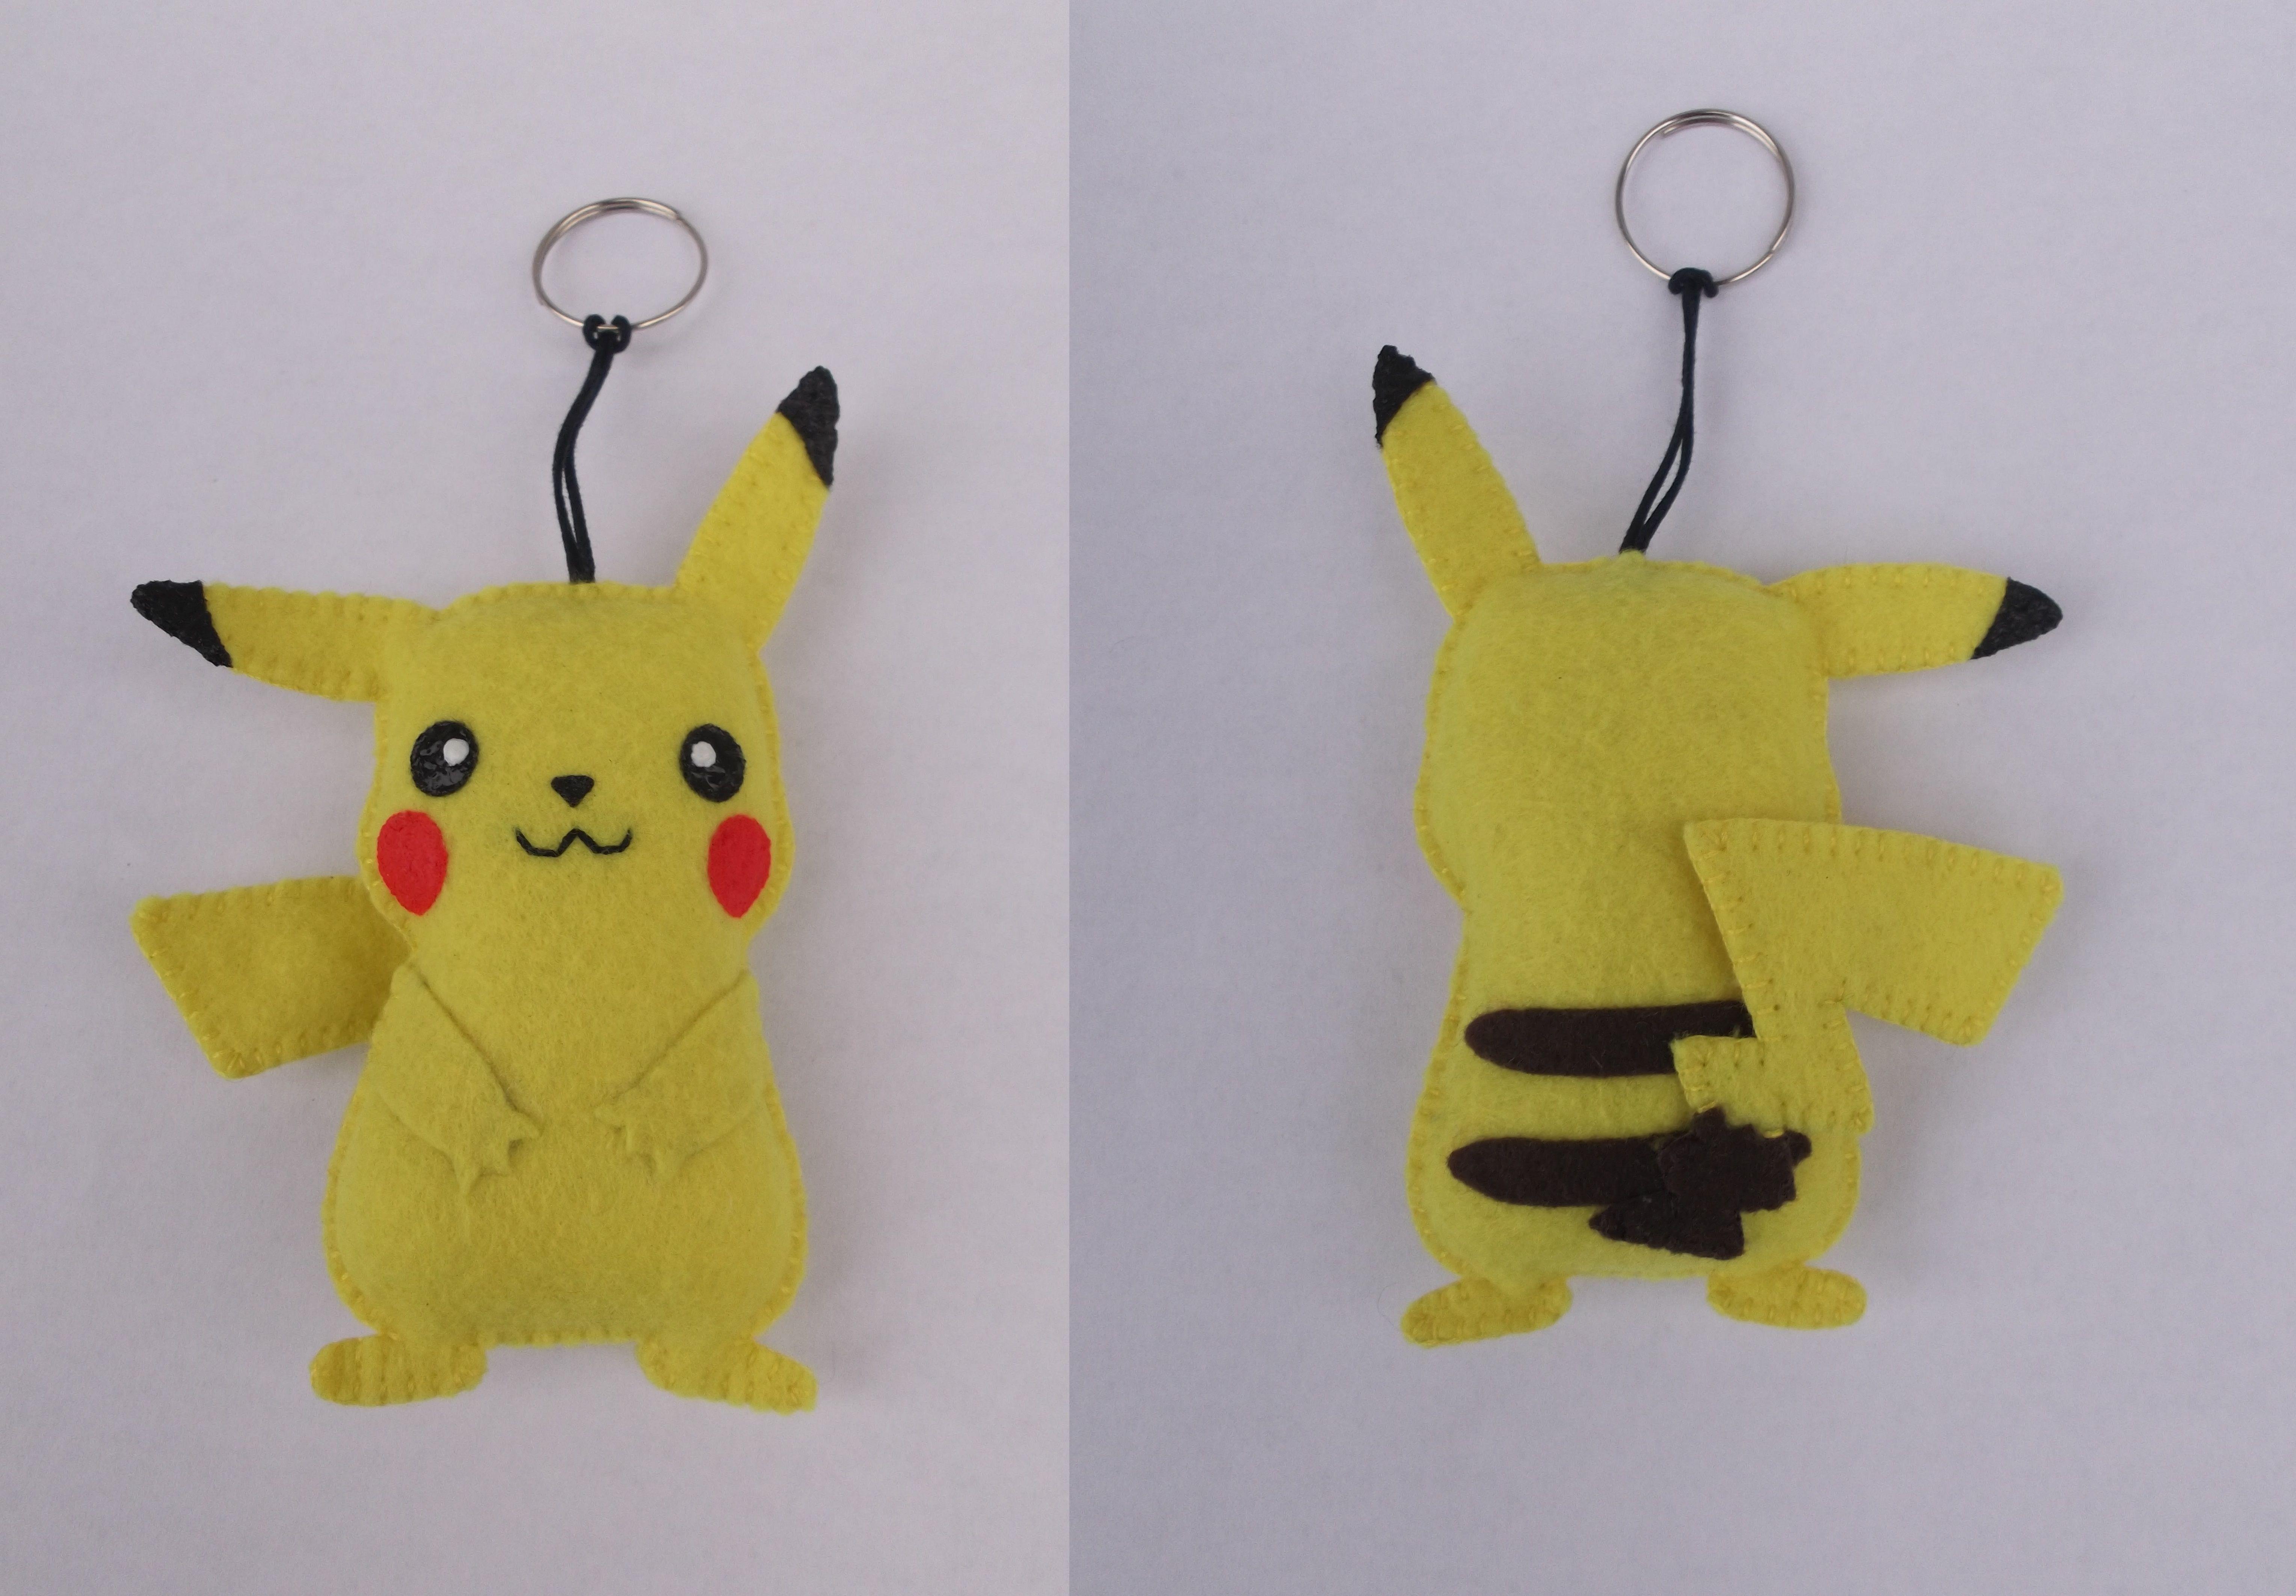 chaveiro pikachu - pokémon - encomendas pela minha página no facebook - https://www.facebook.com/Boutiquegeekbg/